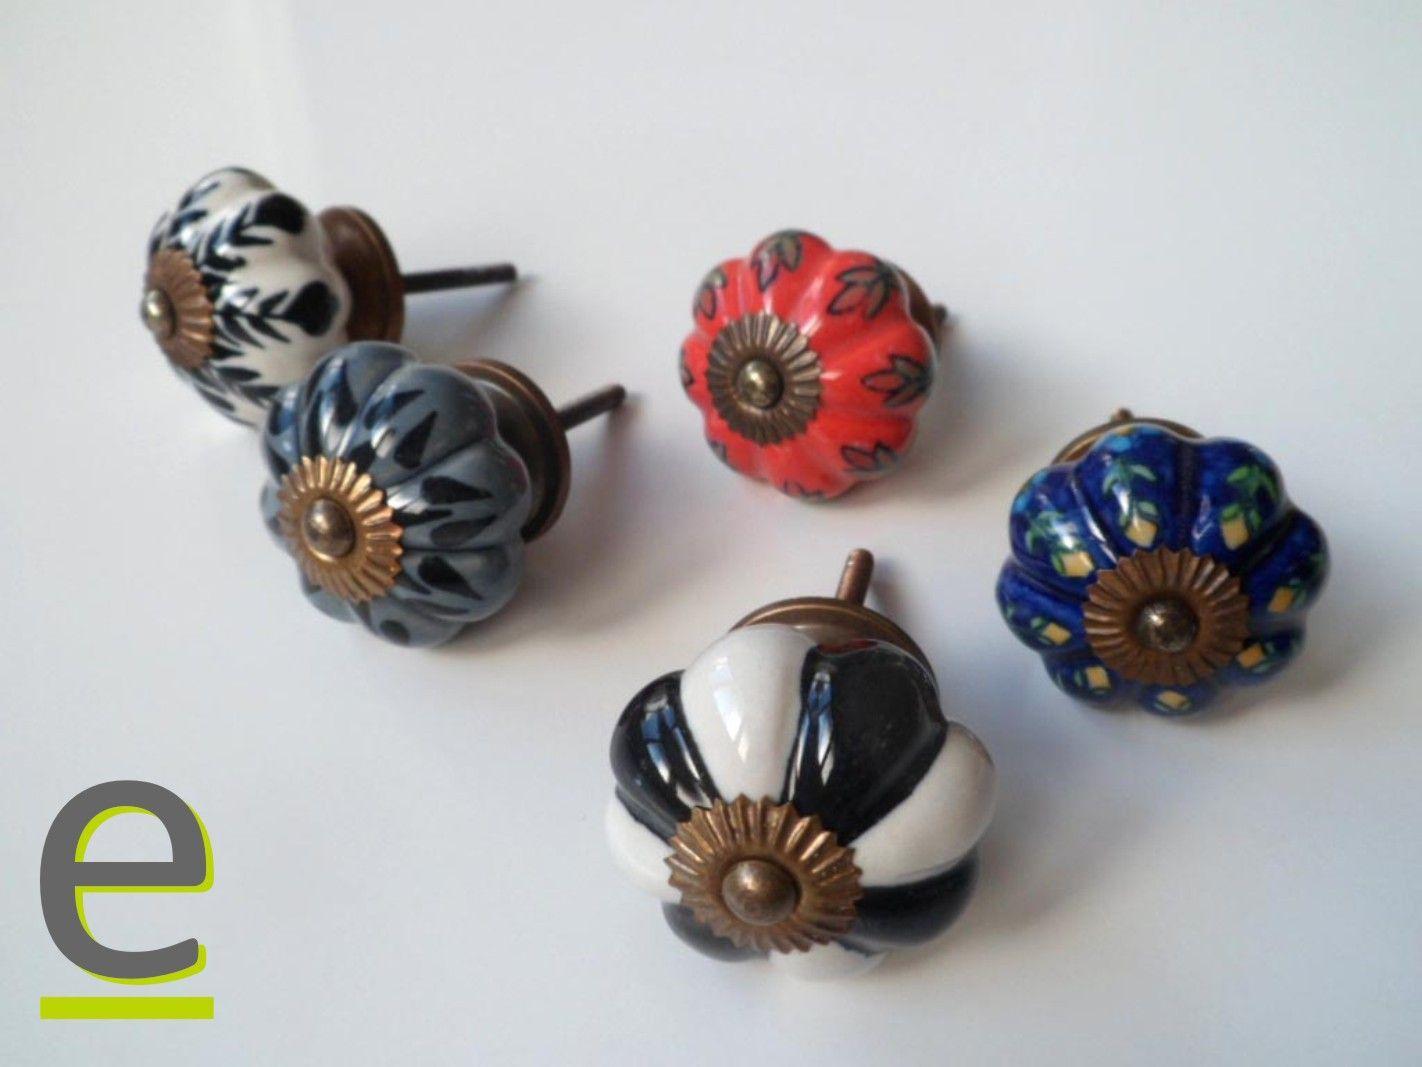 la serie di pomelli di ceramica decorata a mano \